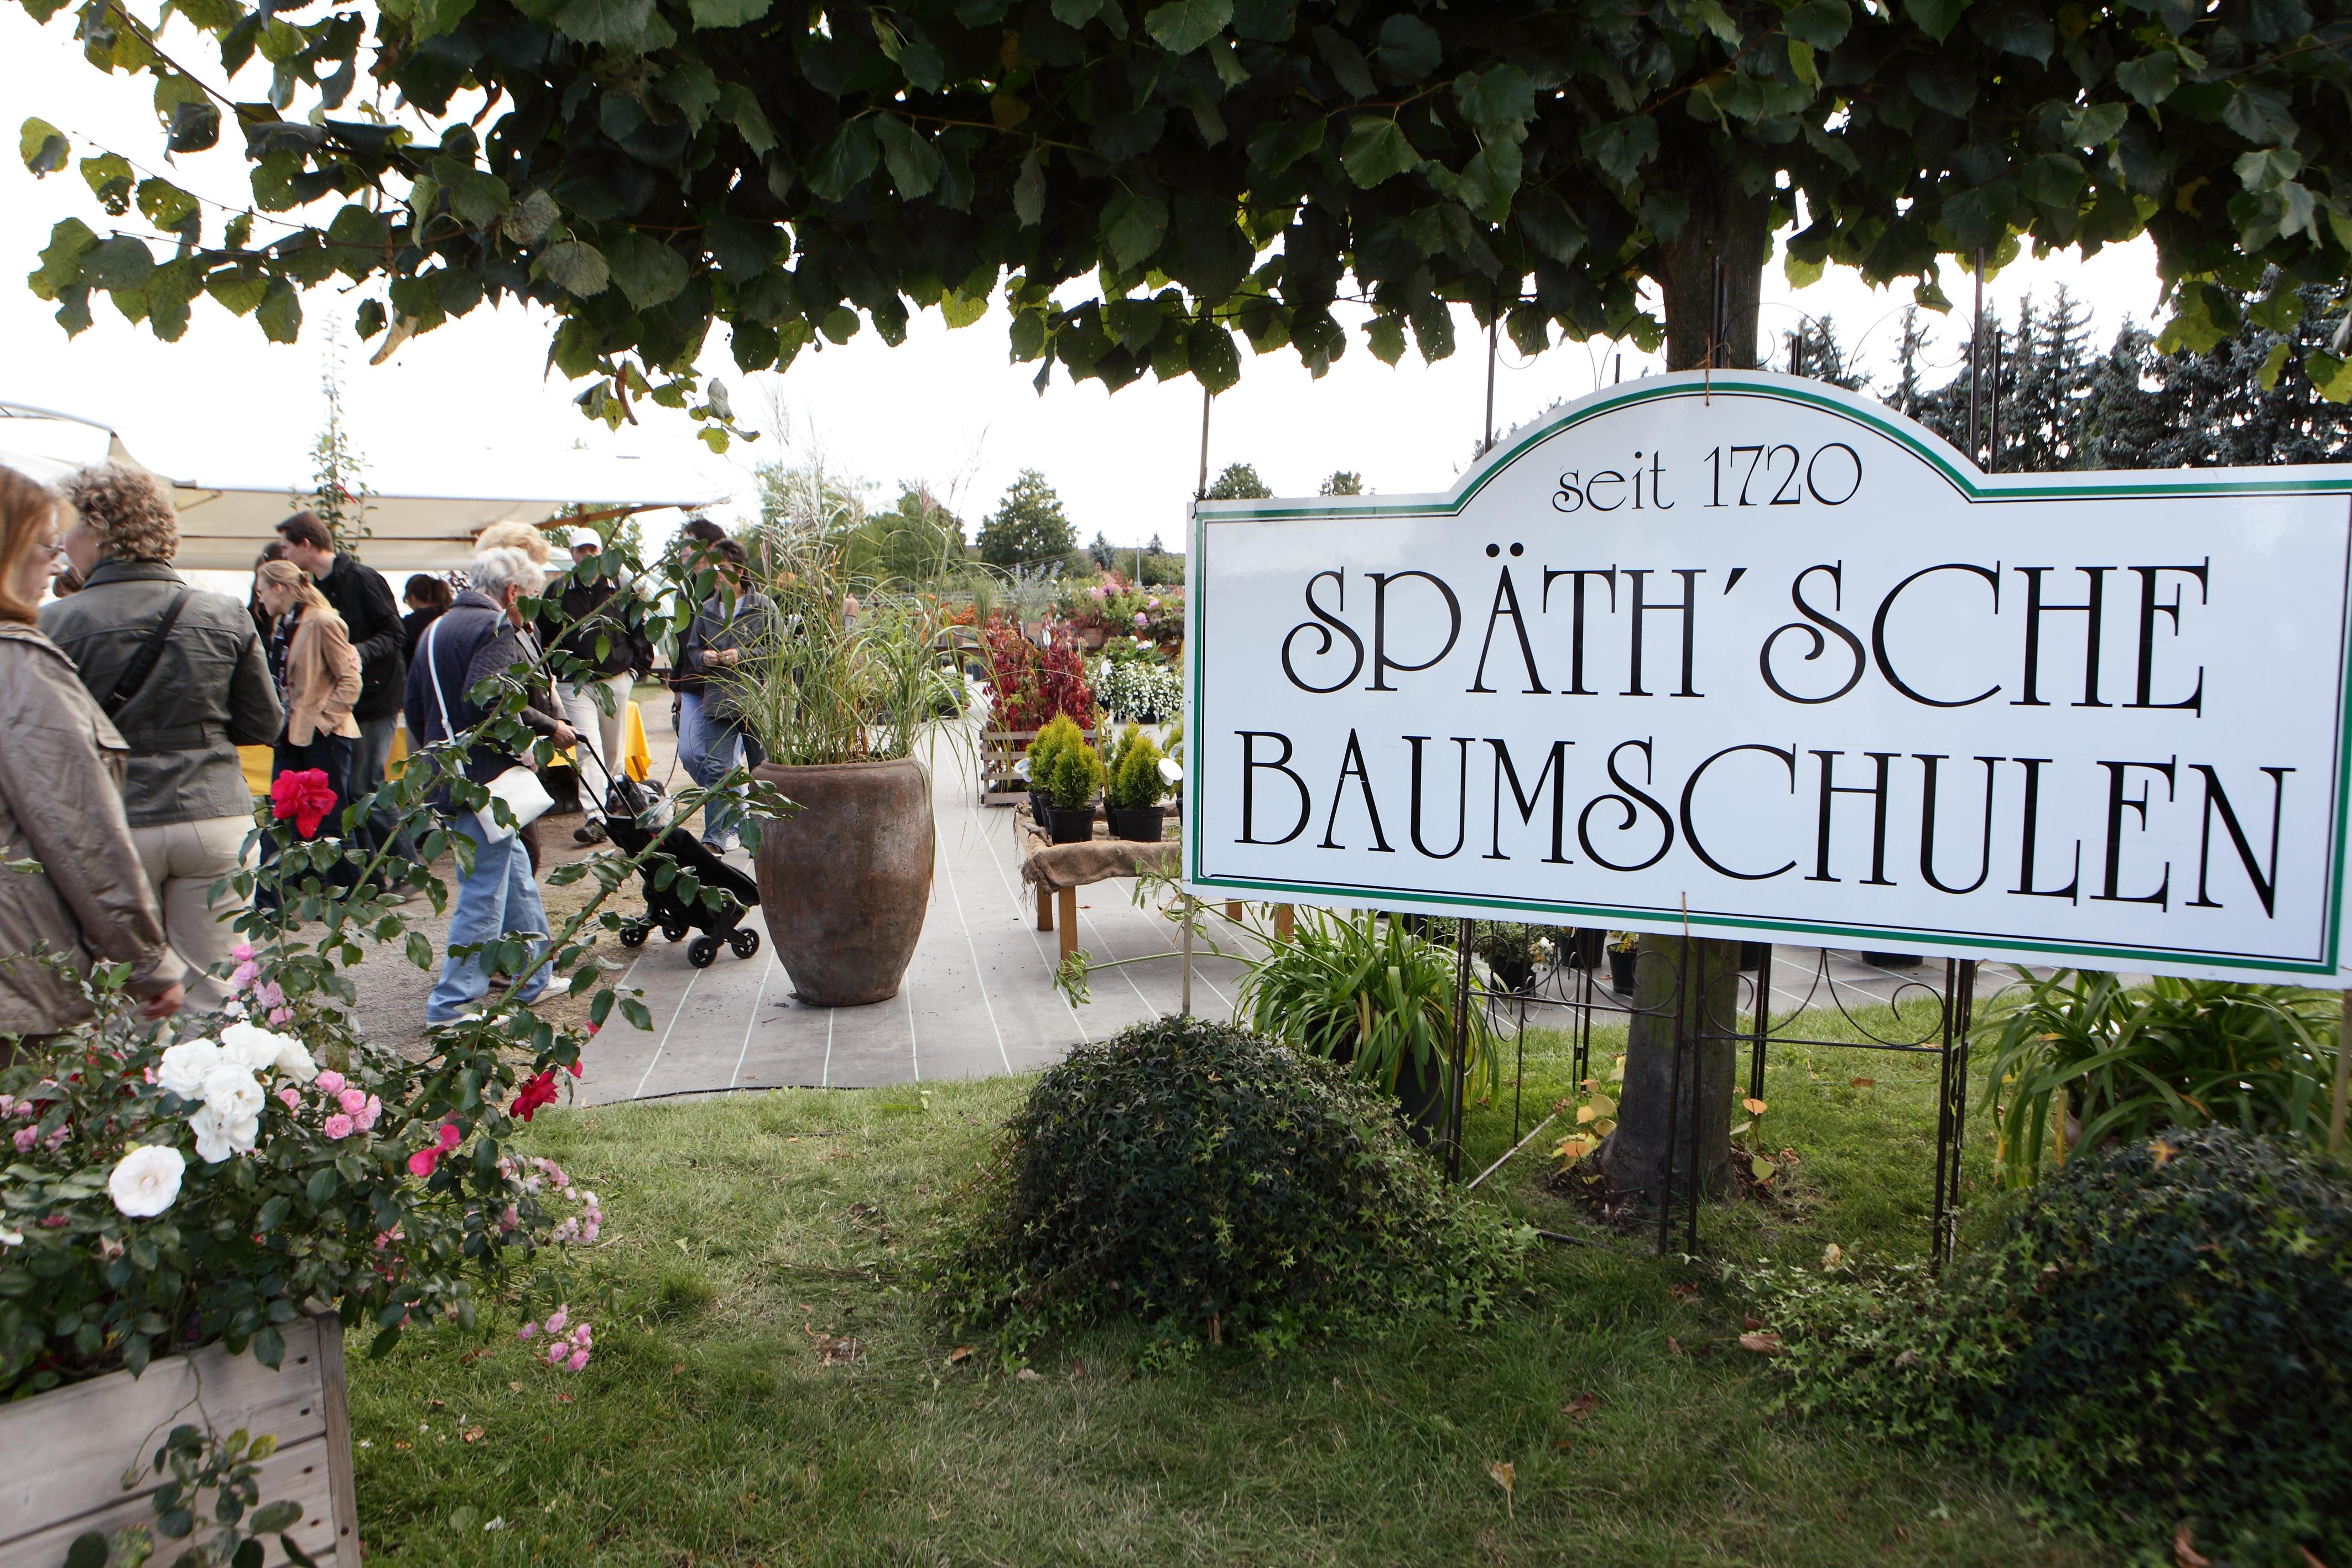 Späth'sche Baumschulen: Traditionsunternehmen seit 1720 – ältestes produzierendes Unternehmen in Berlin, 7,56 MB